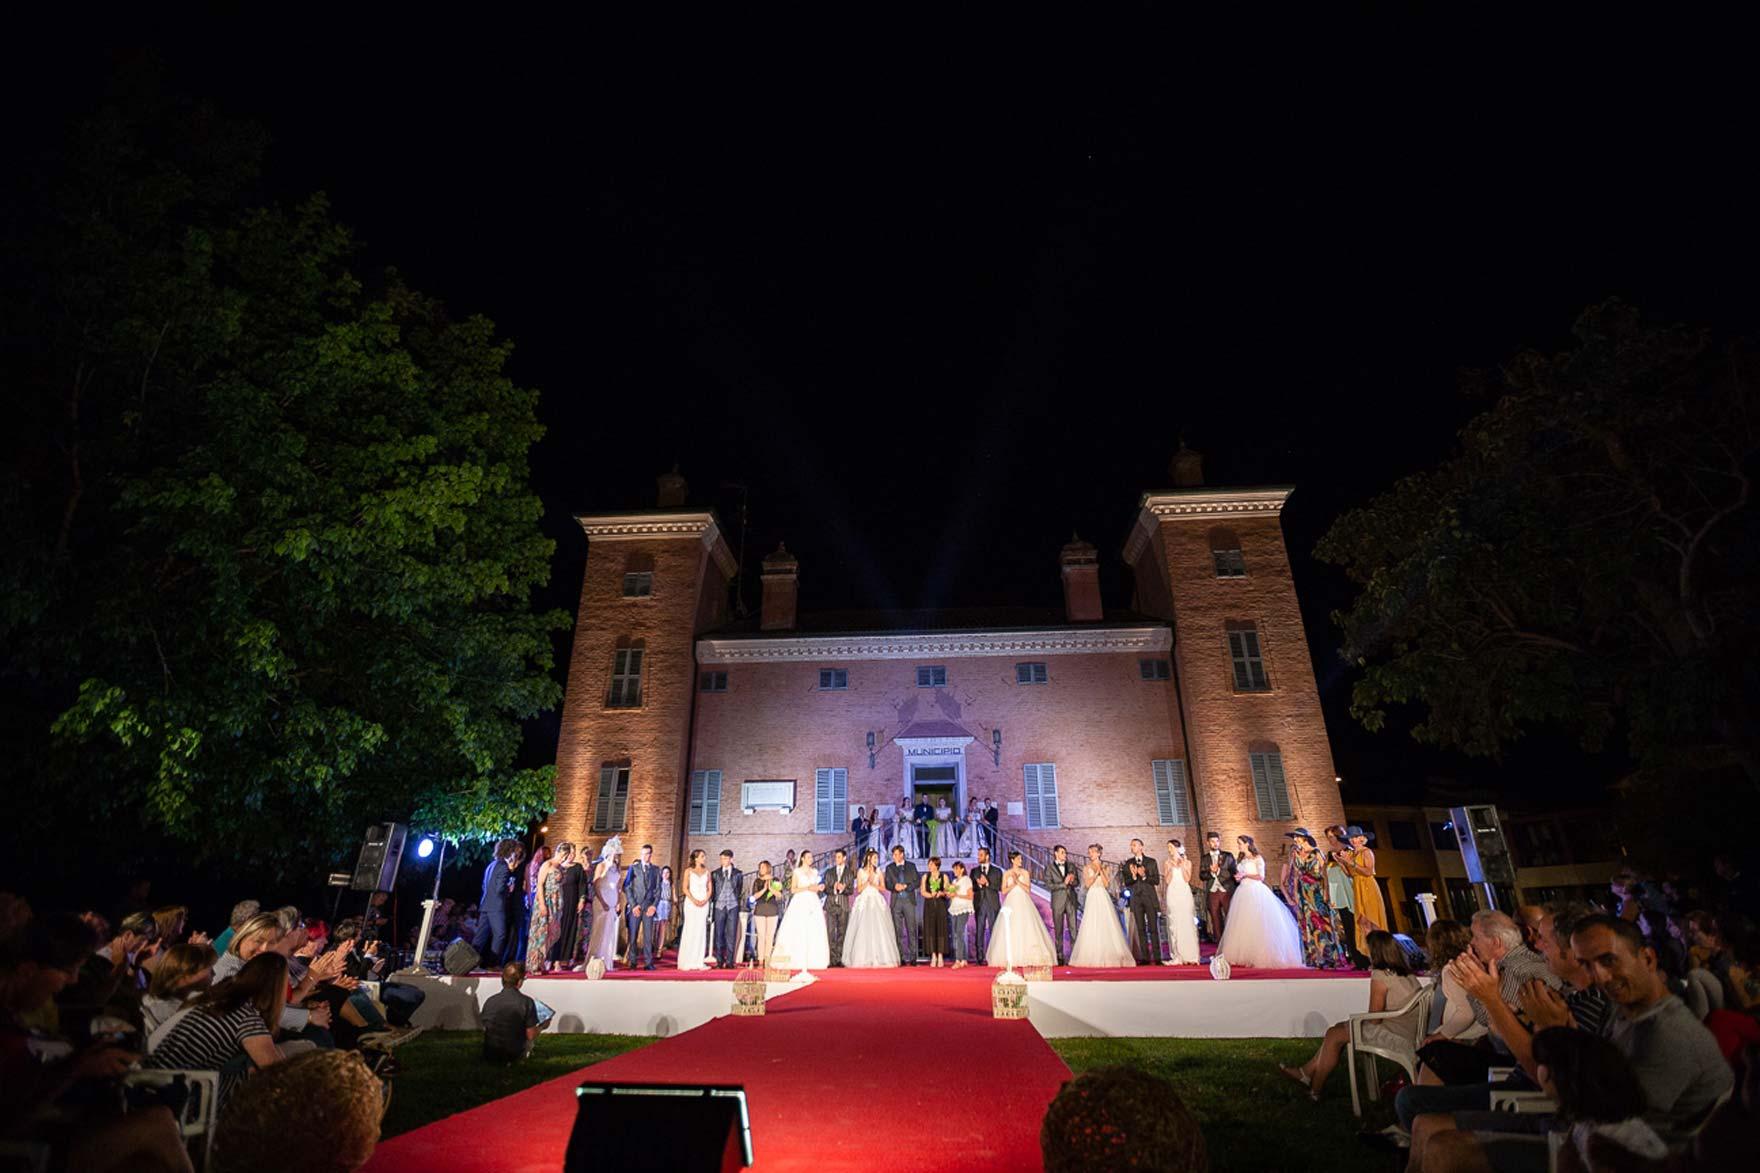 La moda Sposa Ficarolo 2019, sfilata in Villa Giglioli